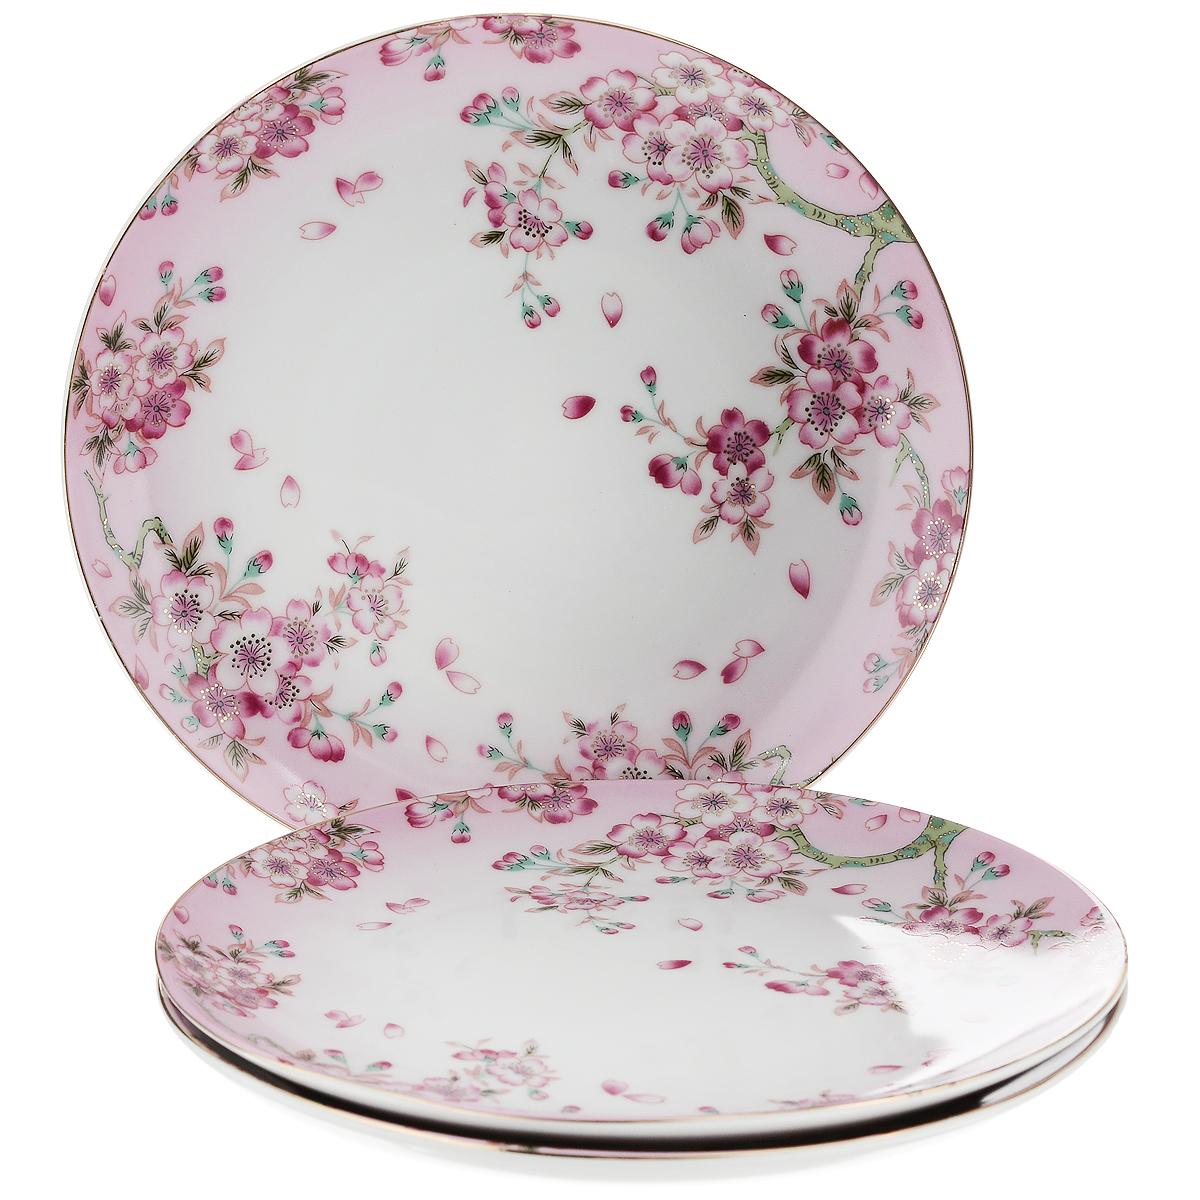 Набор тарелок Saguro Нежность, диаметр 18,5 см, 3 штD2380Набор Saguro Нежность состоит из трех тарелок, изготовленных из фарфора. Изделия оформлены золотой каемкой и изображением цветущего дерева.Такие тарелки сочетают в себе изысканный дизайн с максимальной функциональностью. Красочность оформления придется по вкусу тем, кто предпочитает утонченность и изящность. Оригинальные тарелки украсят сервировку вашего стола и подчеркнут прекрасный вкус хозяйки, а также станут отличным подарком. Не использовать в микроволновой печи. Не применять абразивные чистящие вещества.